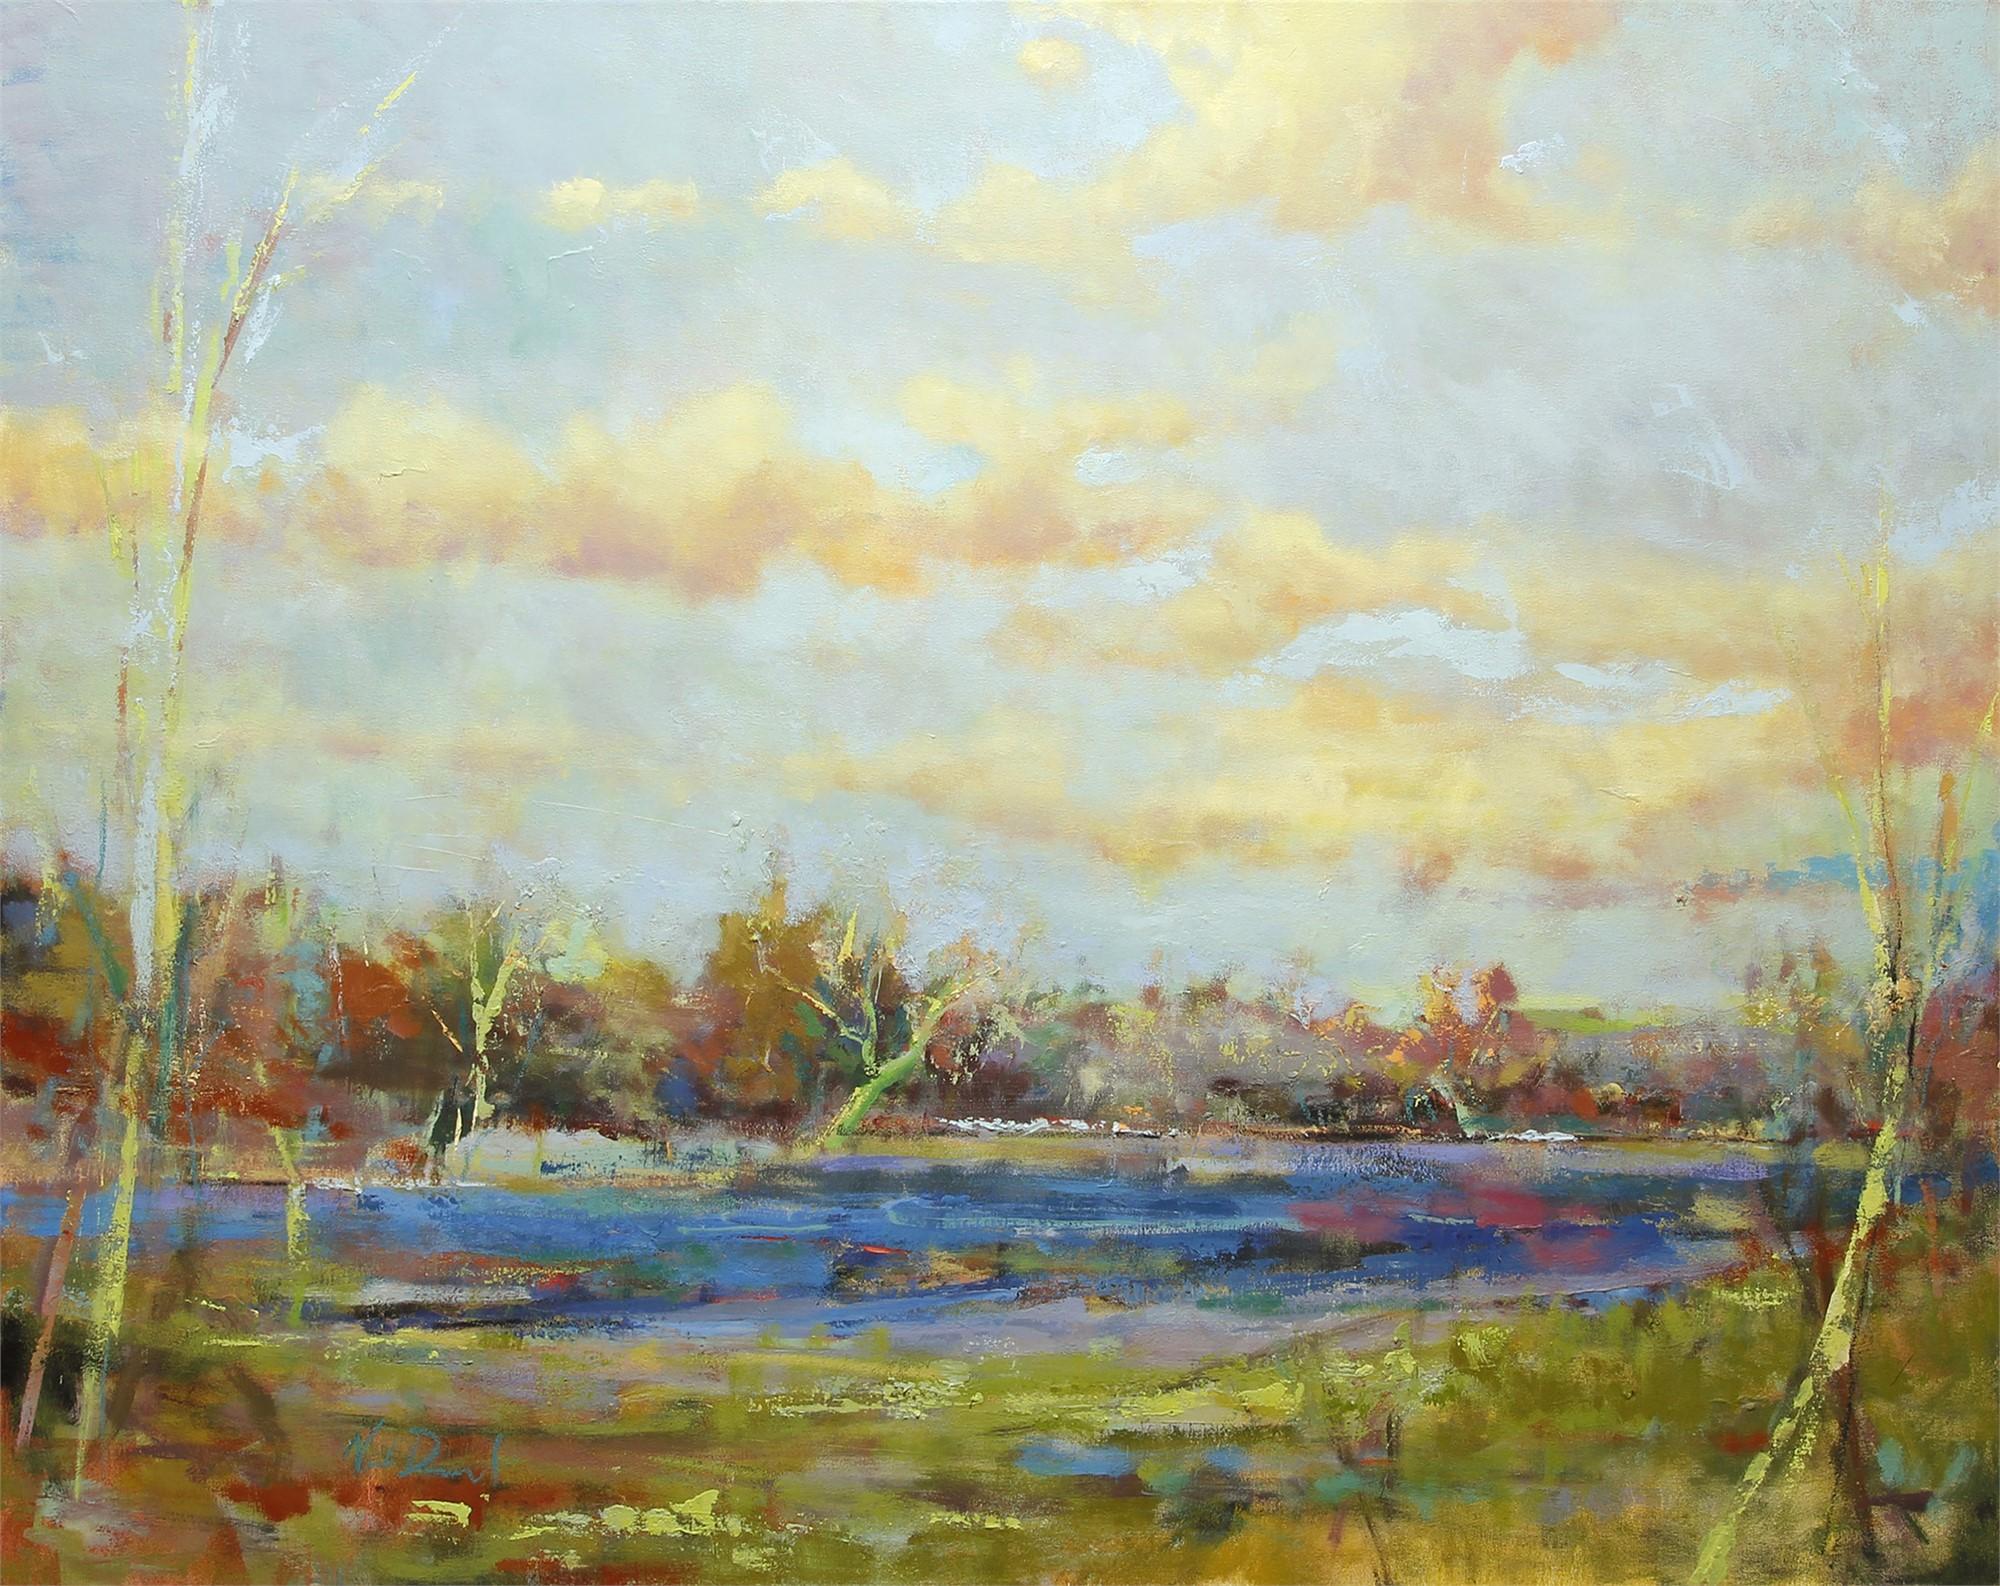 Beyond the Lake by Noah Desmond